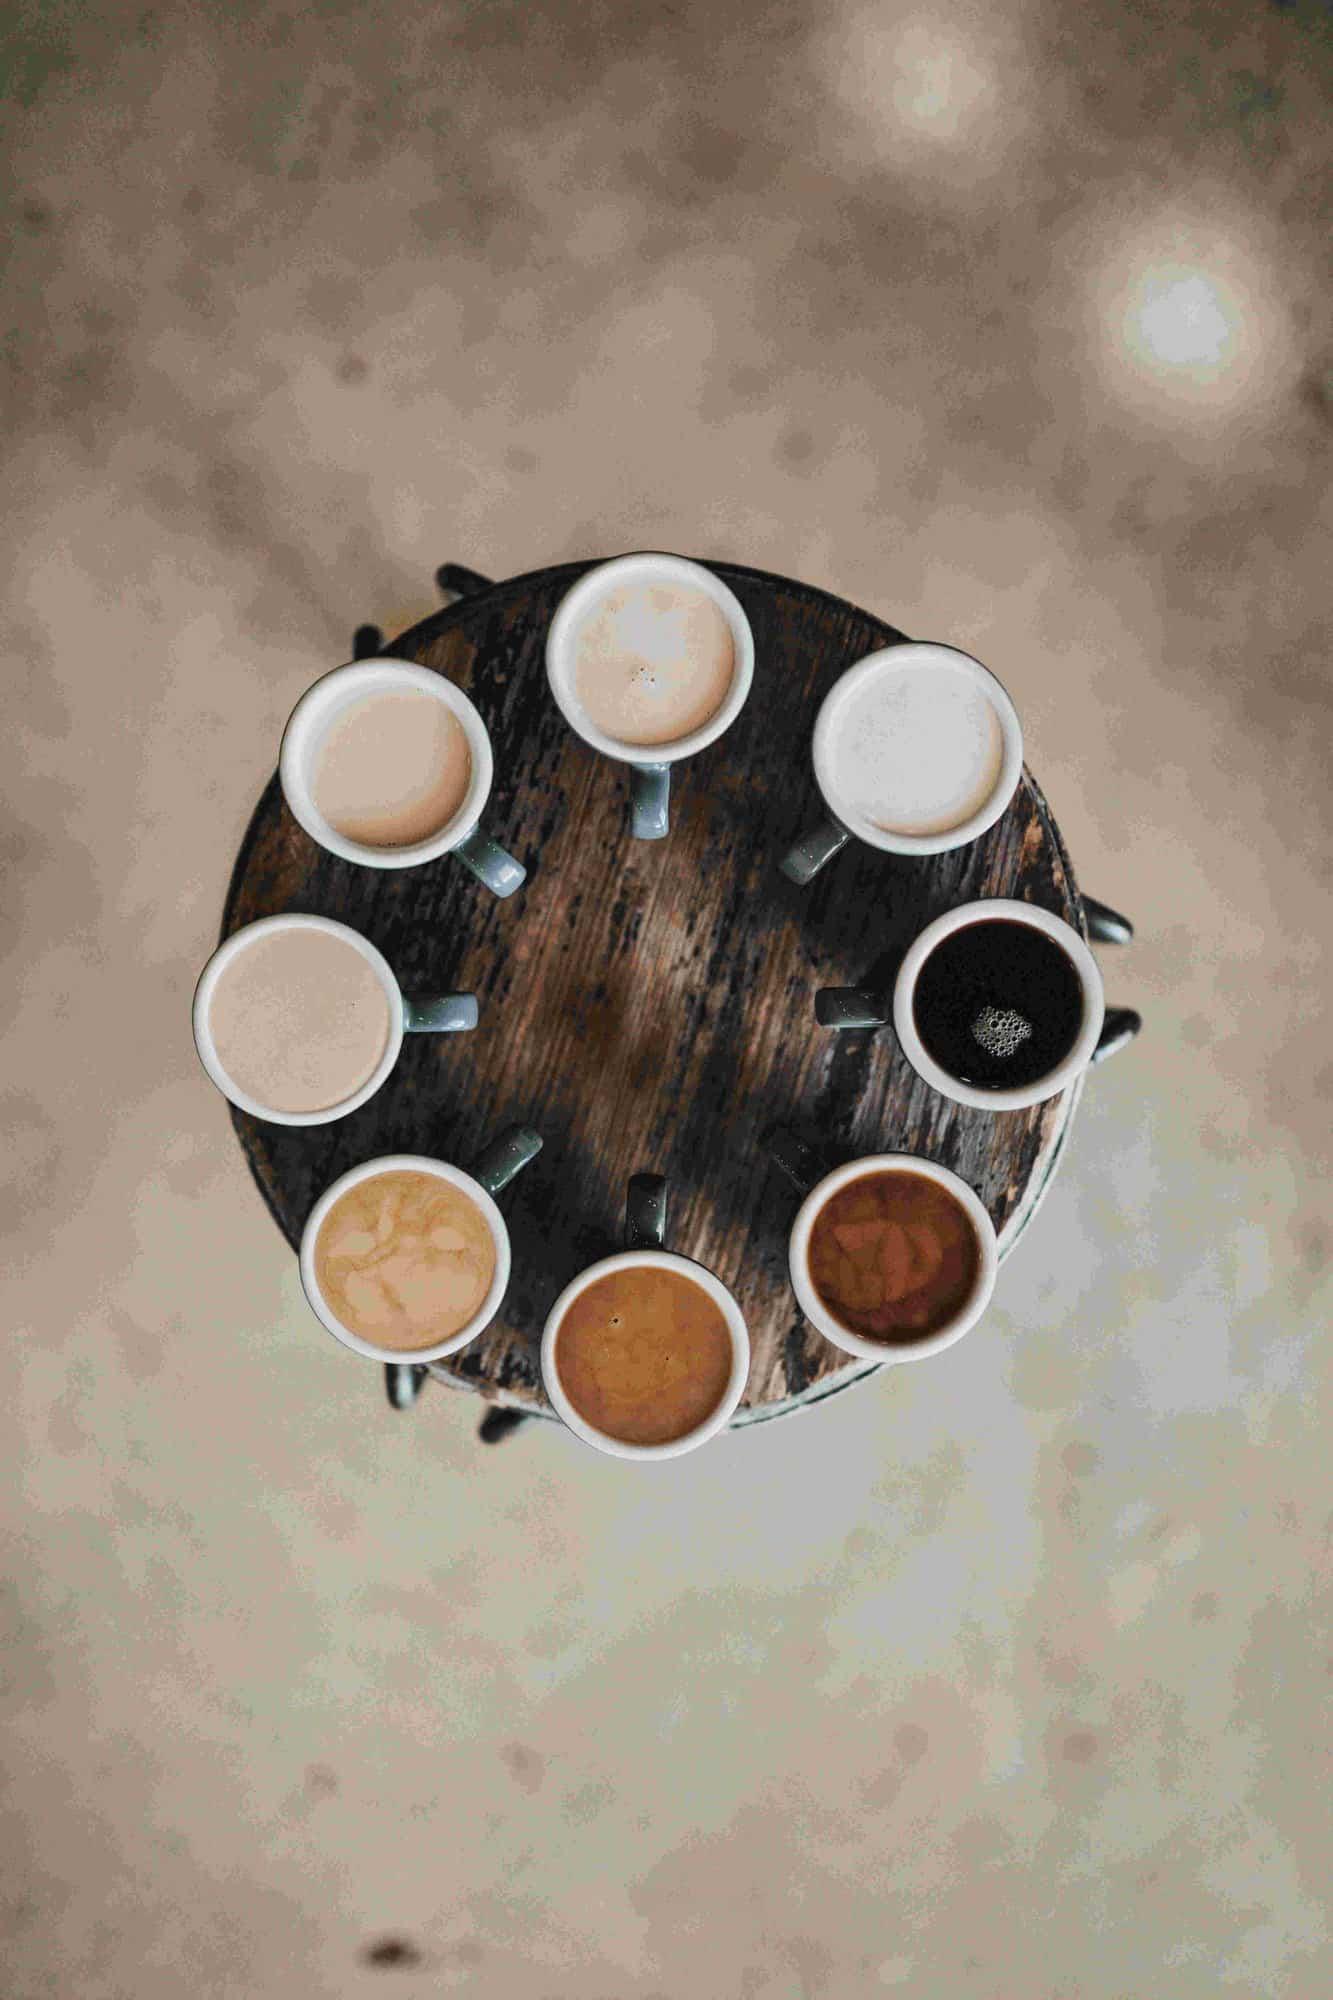 várias xícaras de café com diferentes tipos de bebida